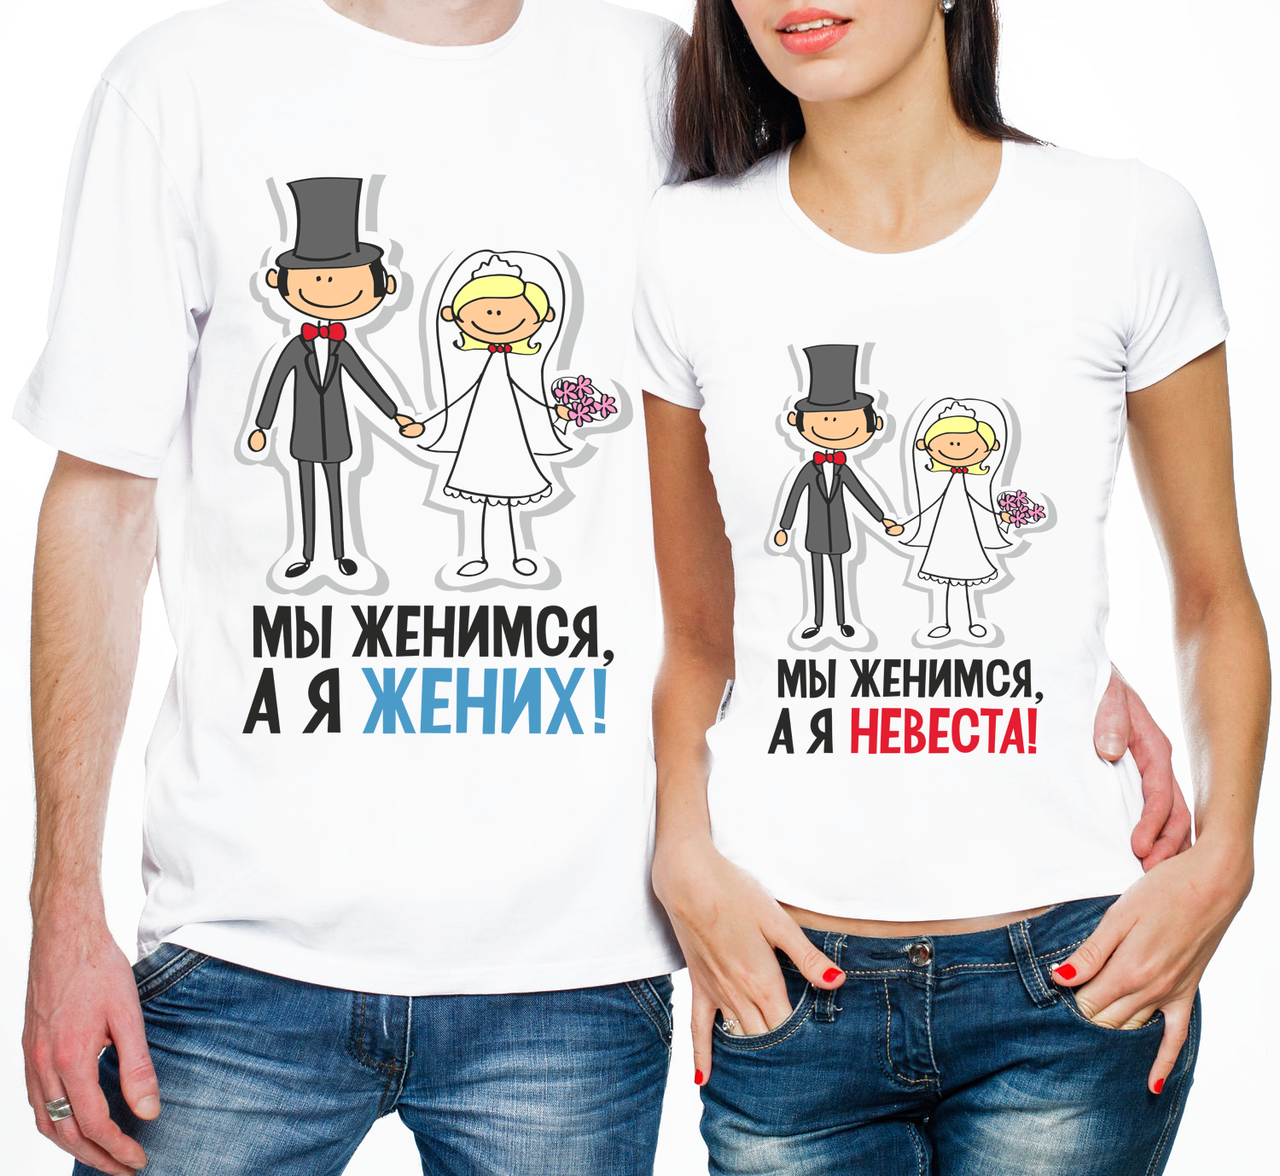 Картинки на футболки жених и невеста